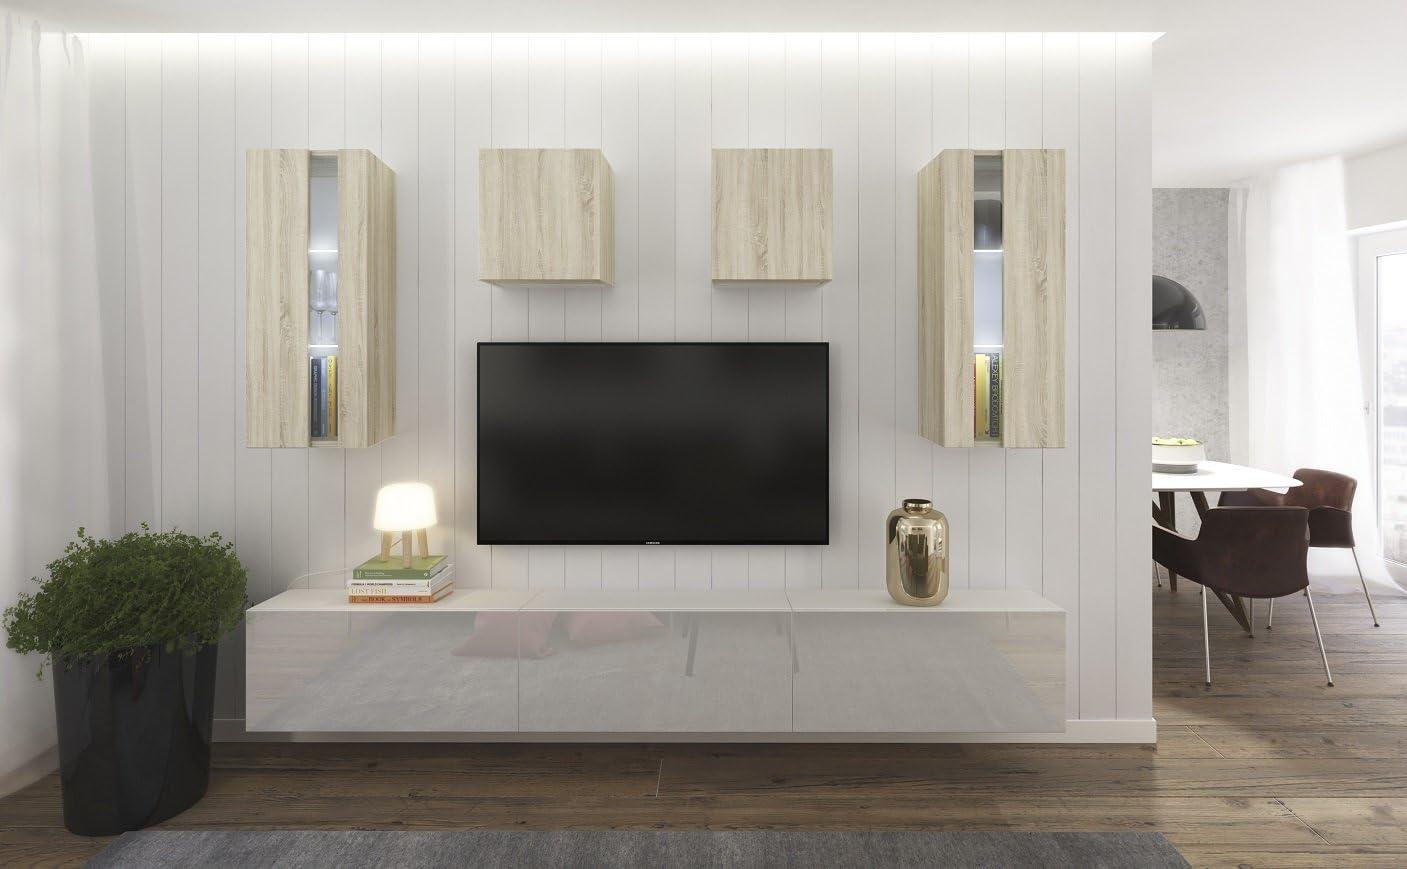 Home Direct Smile N15, Modernes Wohnzimmer, Wohnwände